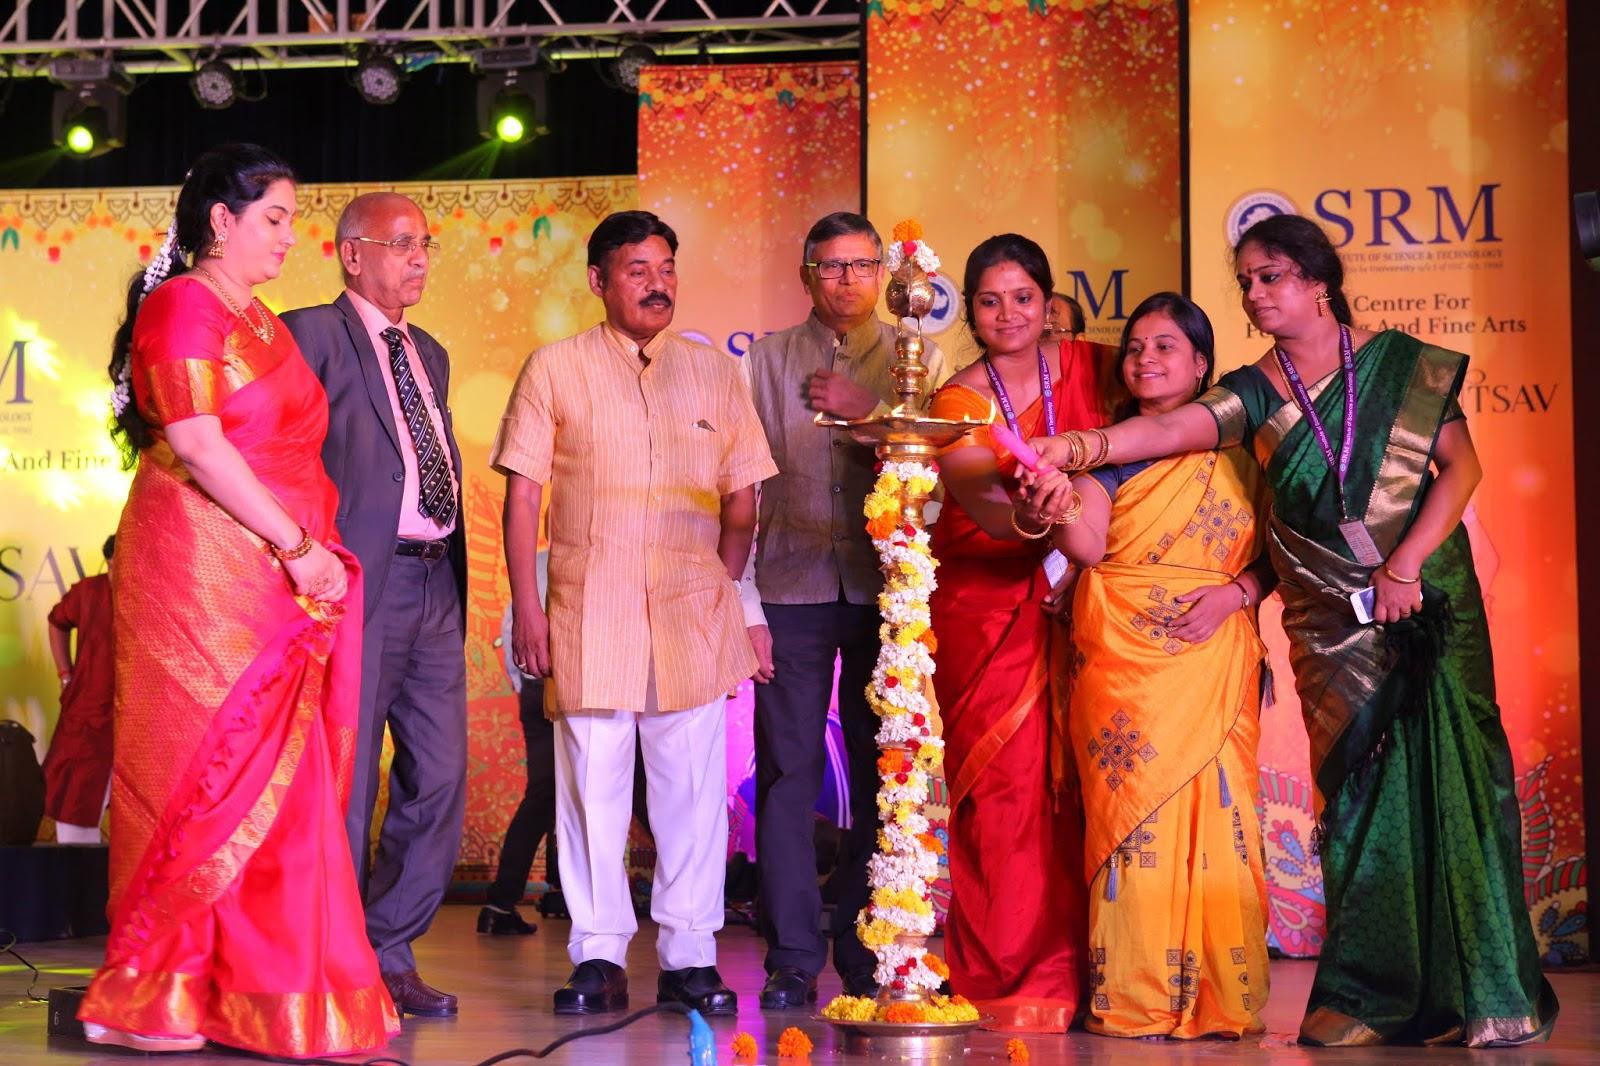 Nadhaswaram thirumurugan wife sexual dysfunction